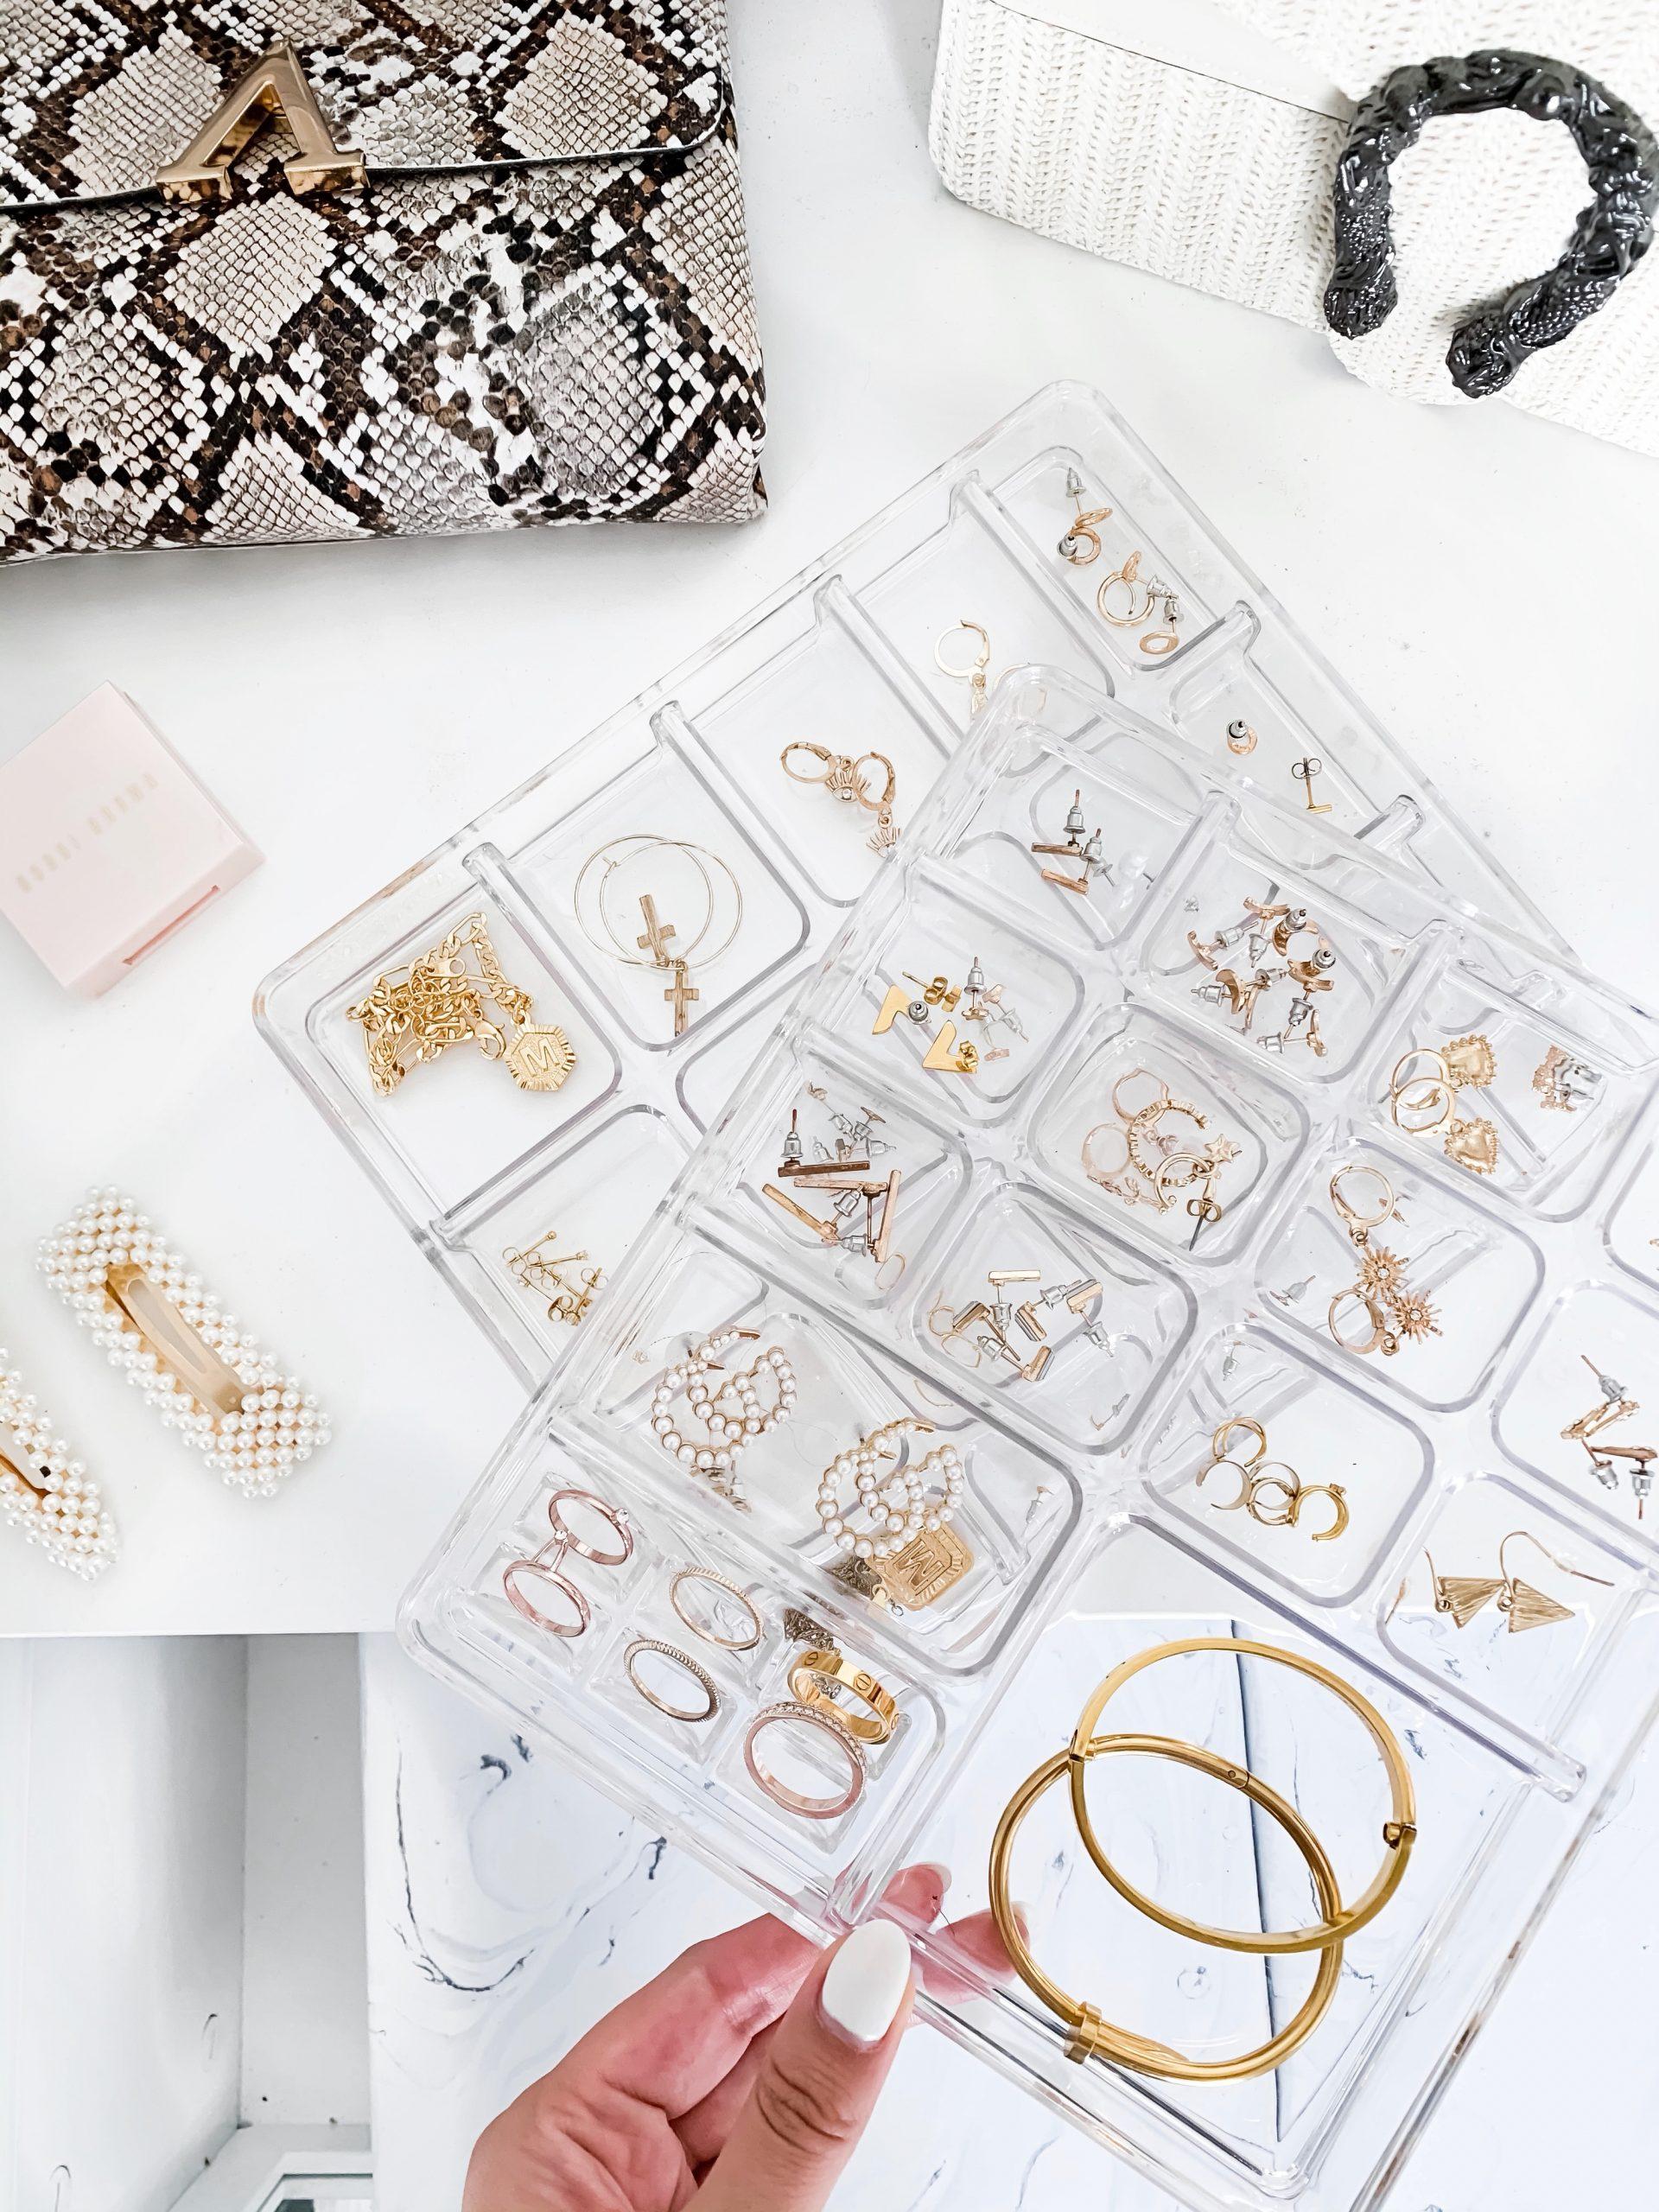 jewelry organization | storage organization | how to store jewelry | ring storage | cute jewelry organizer